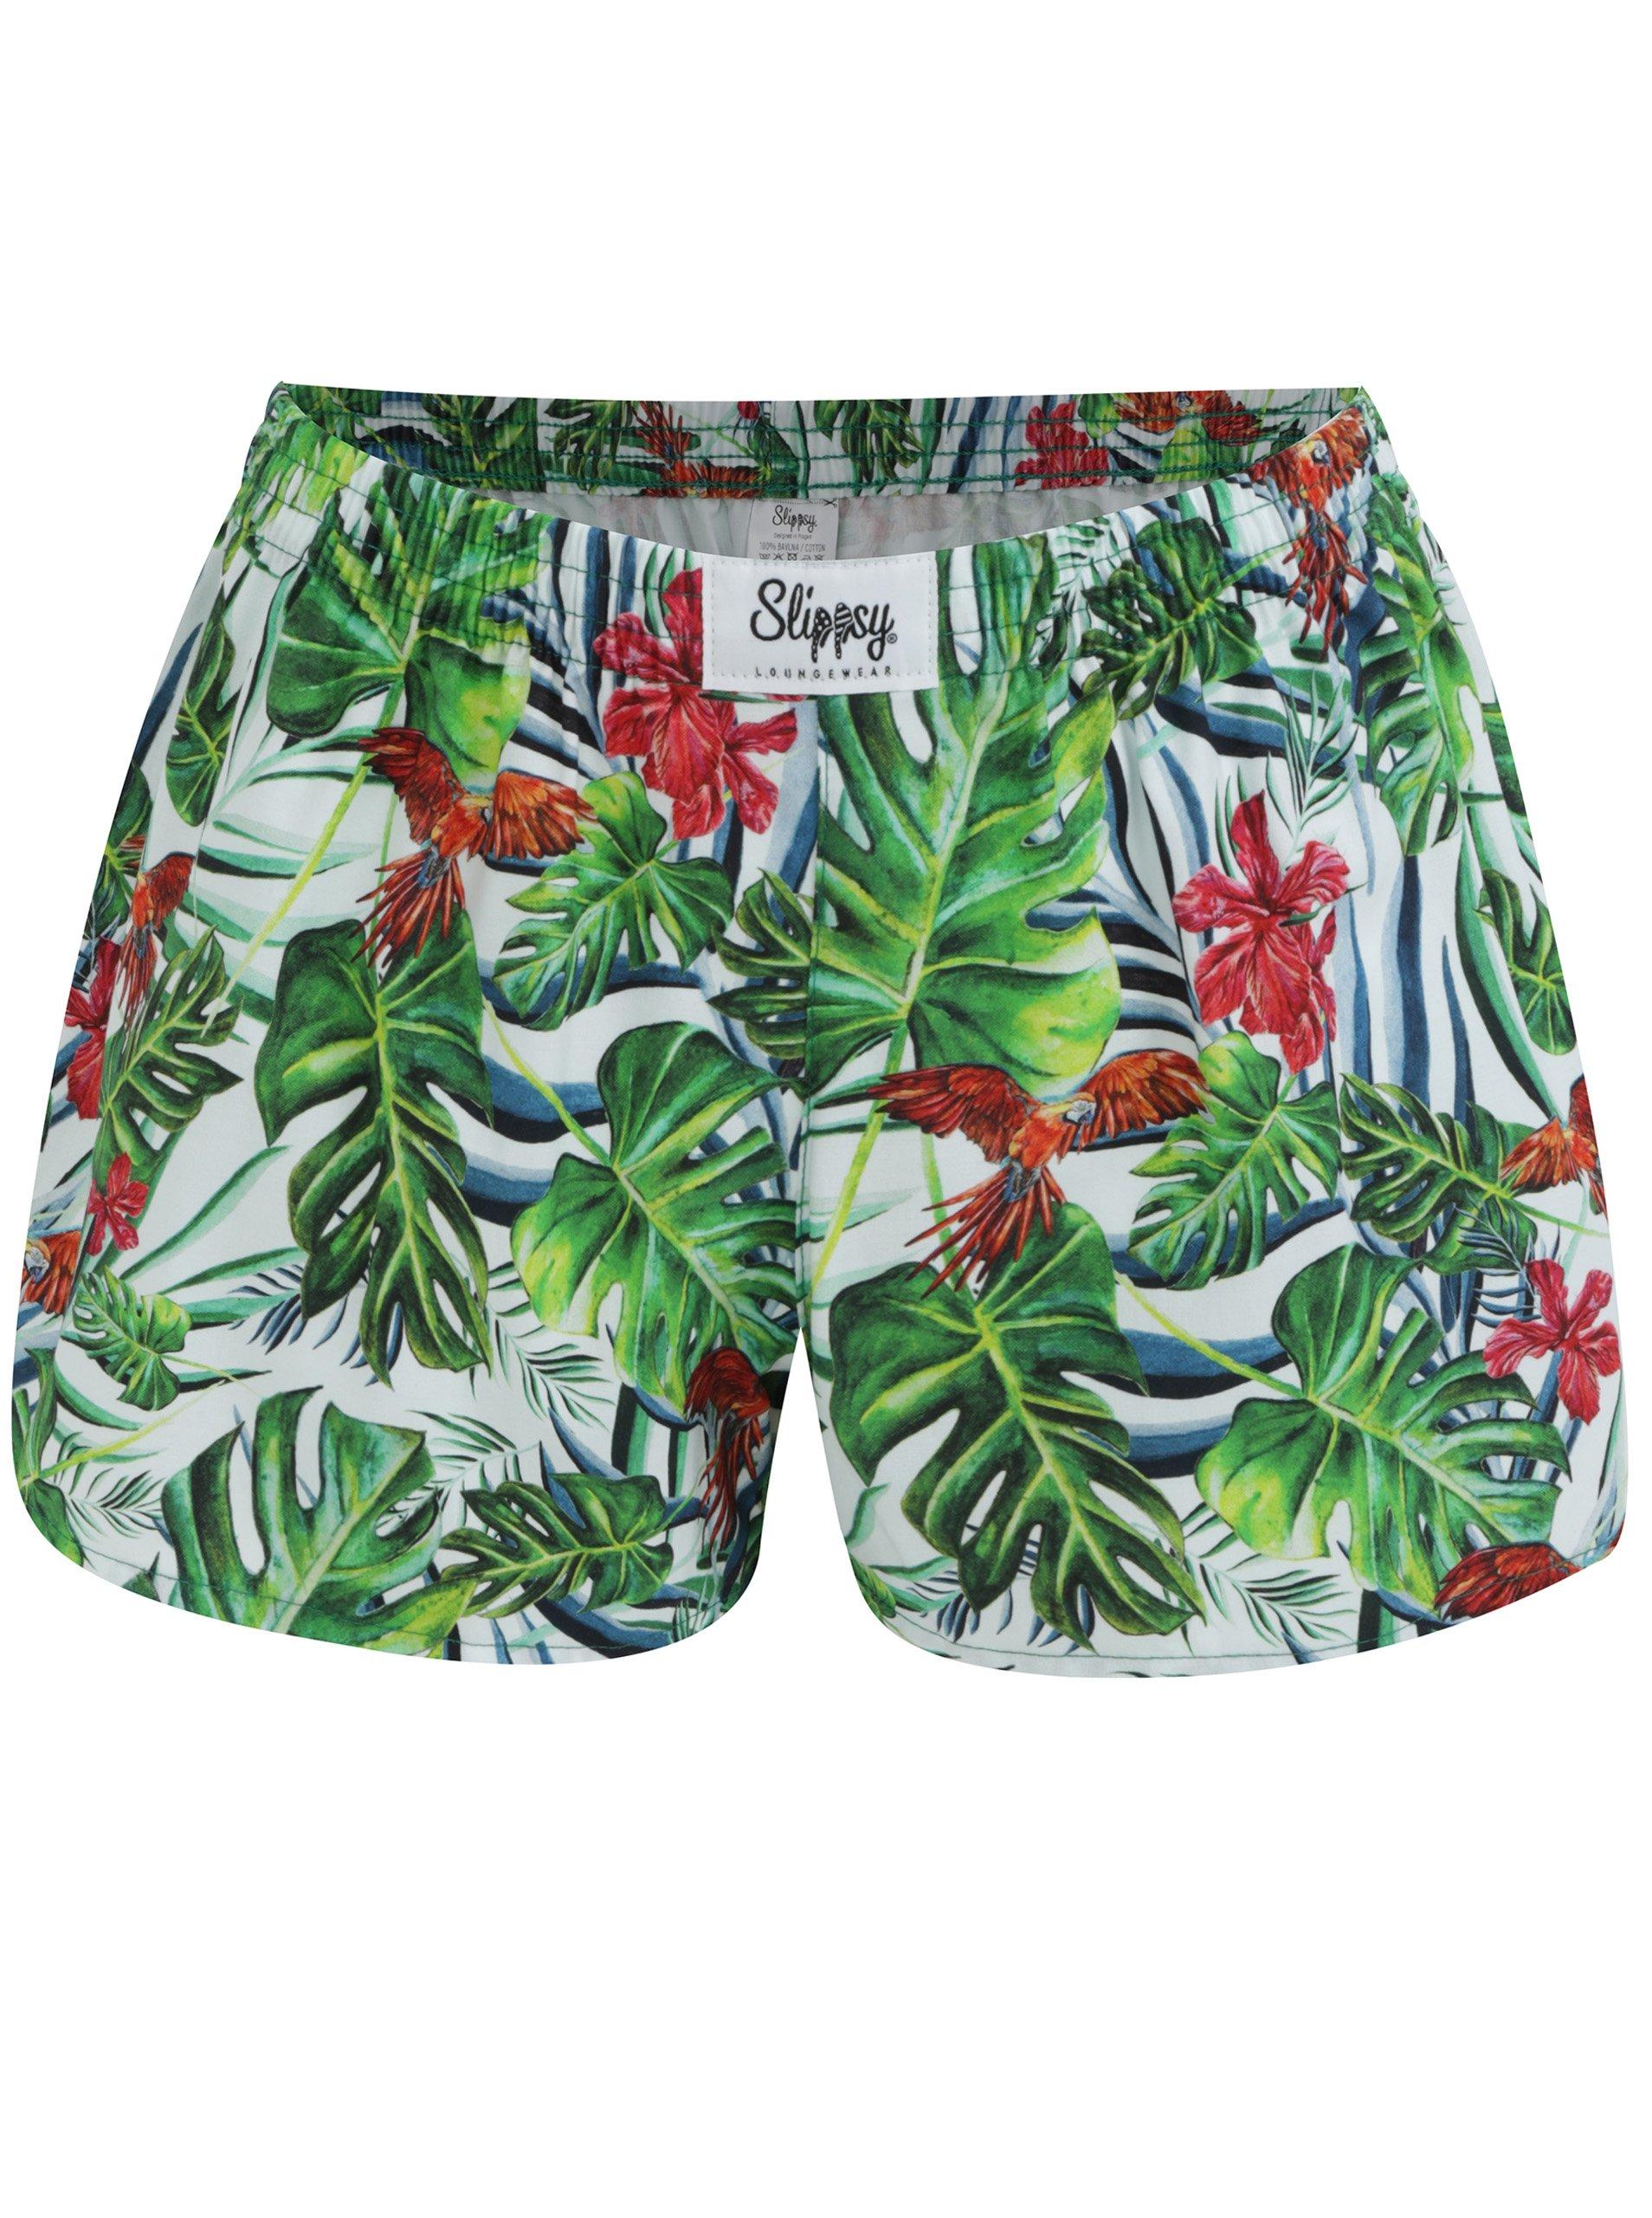 2597ae9b3ef2c Bielo-zelené dámske trenírky s tropickým vzorom Slippsy Jungle Girl